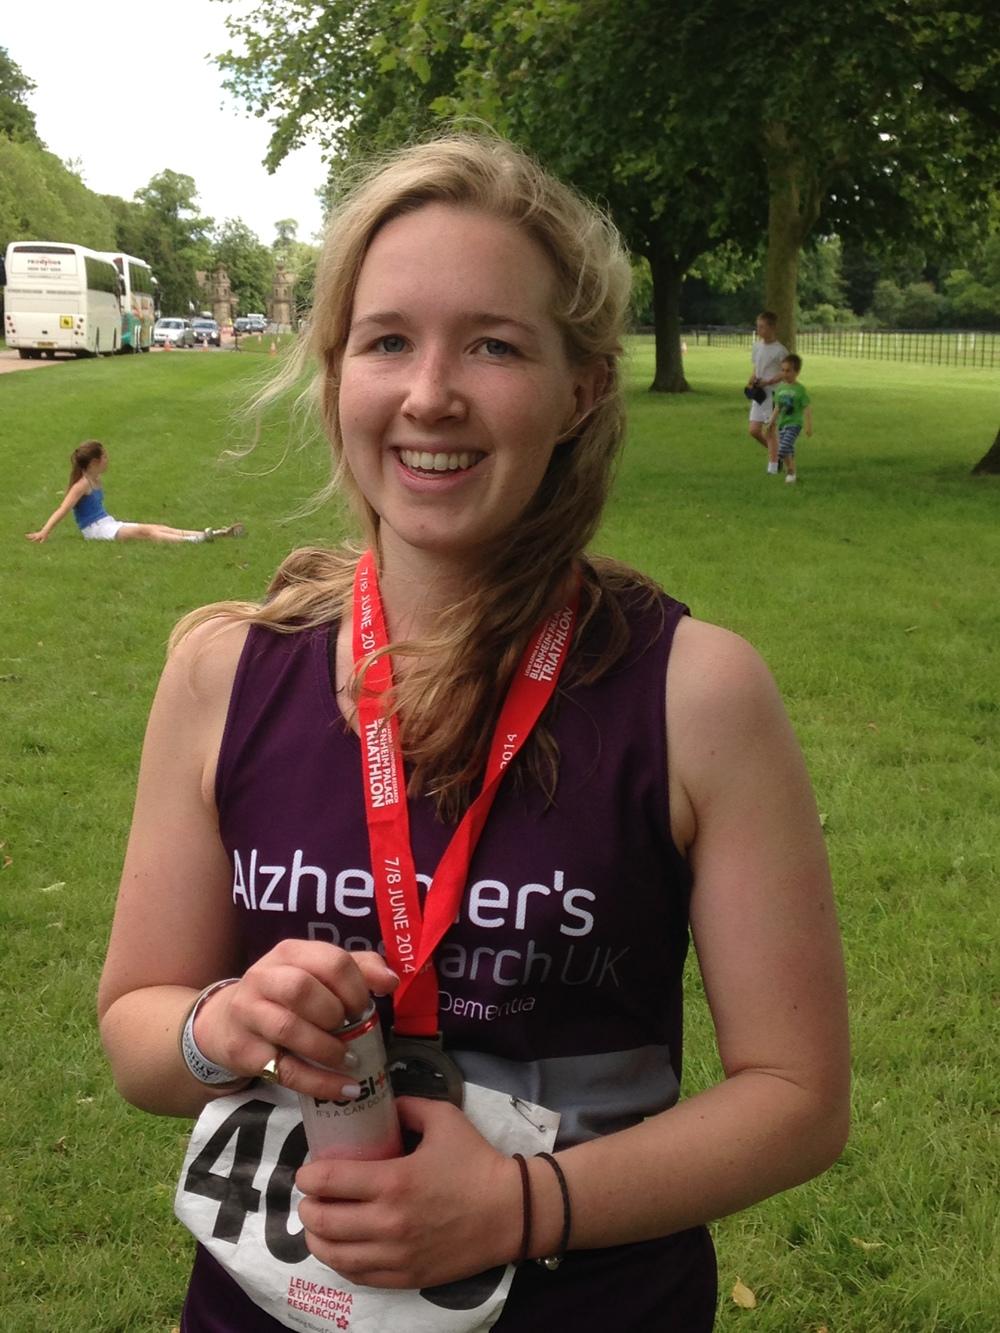 My little triathlete - Anna!